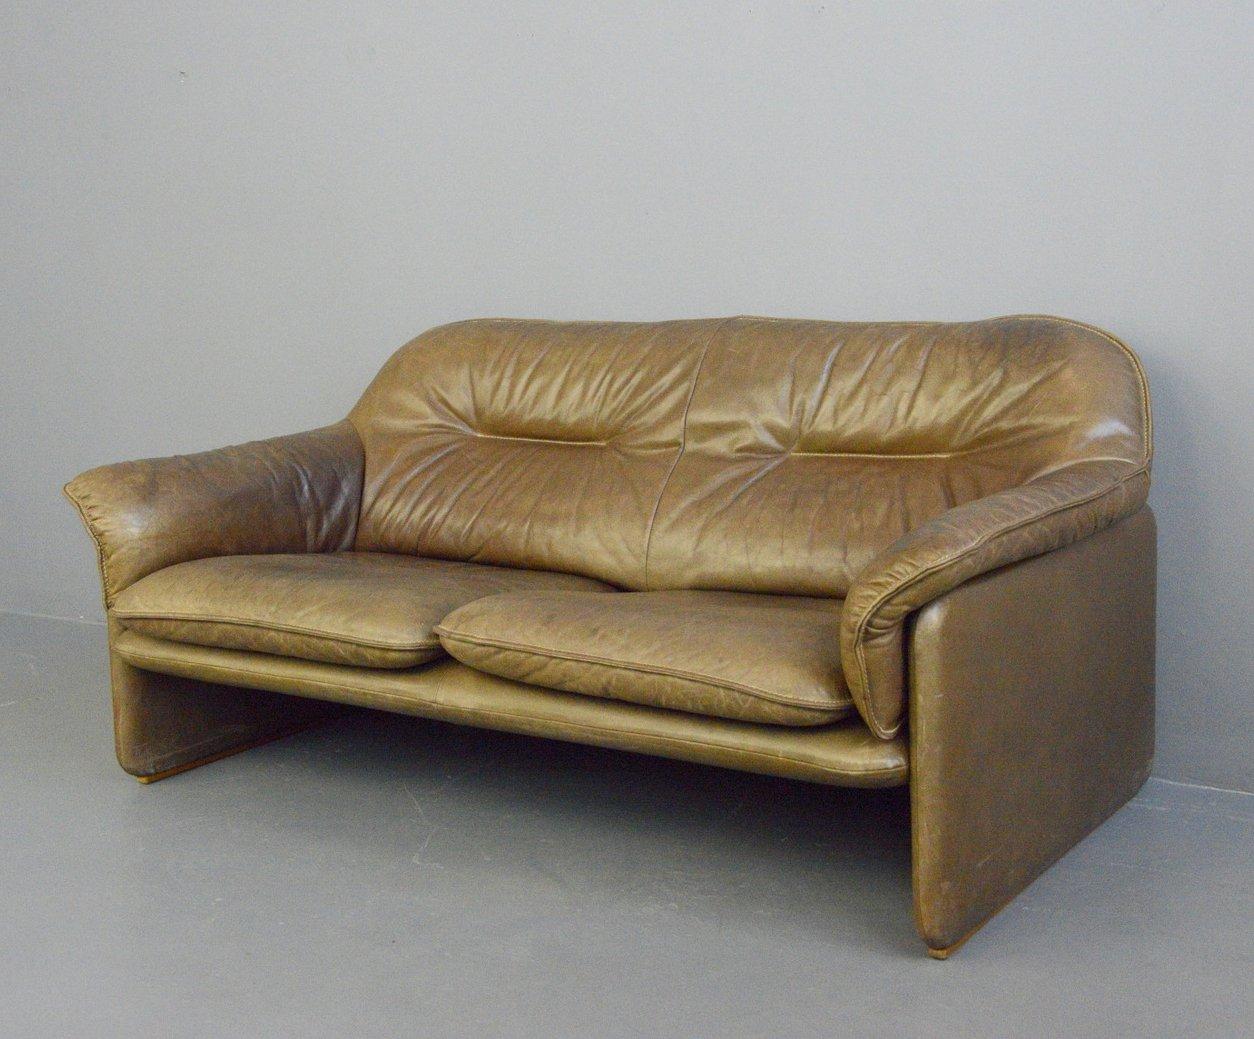 Mid Century Leather Sofa By De Sede Circa 1960s 137089